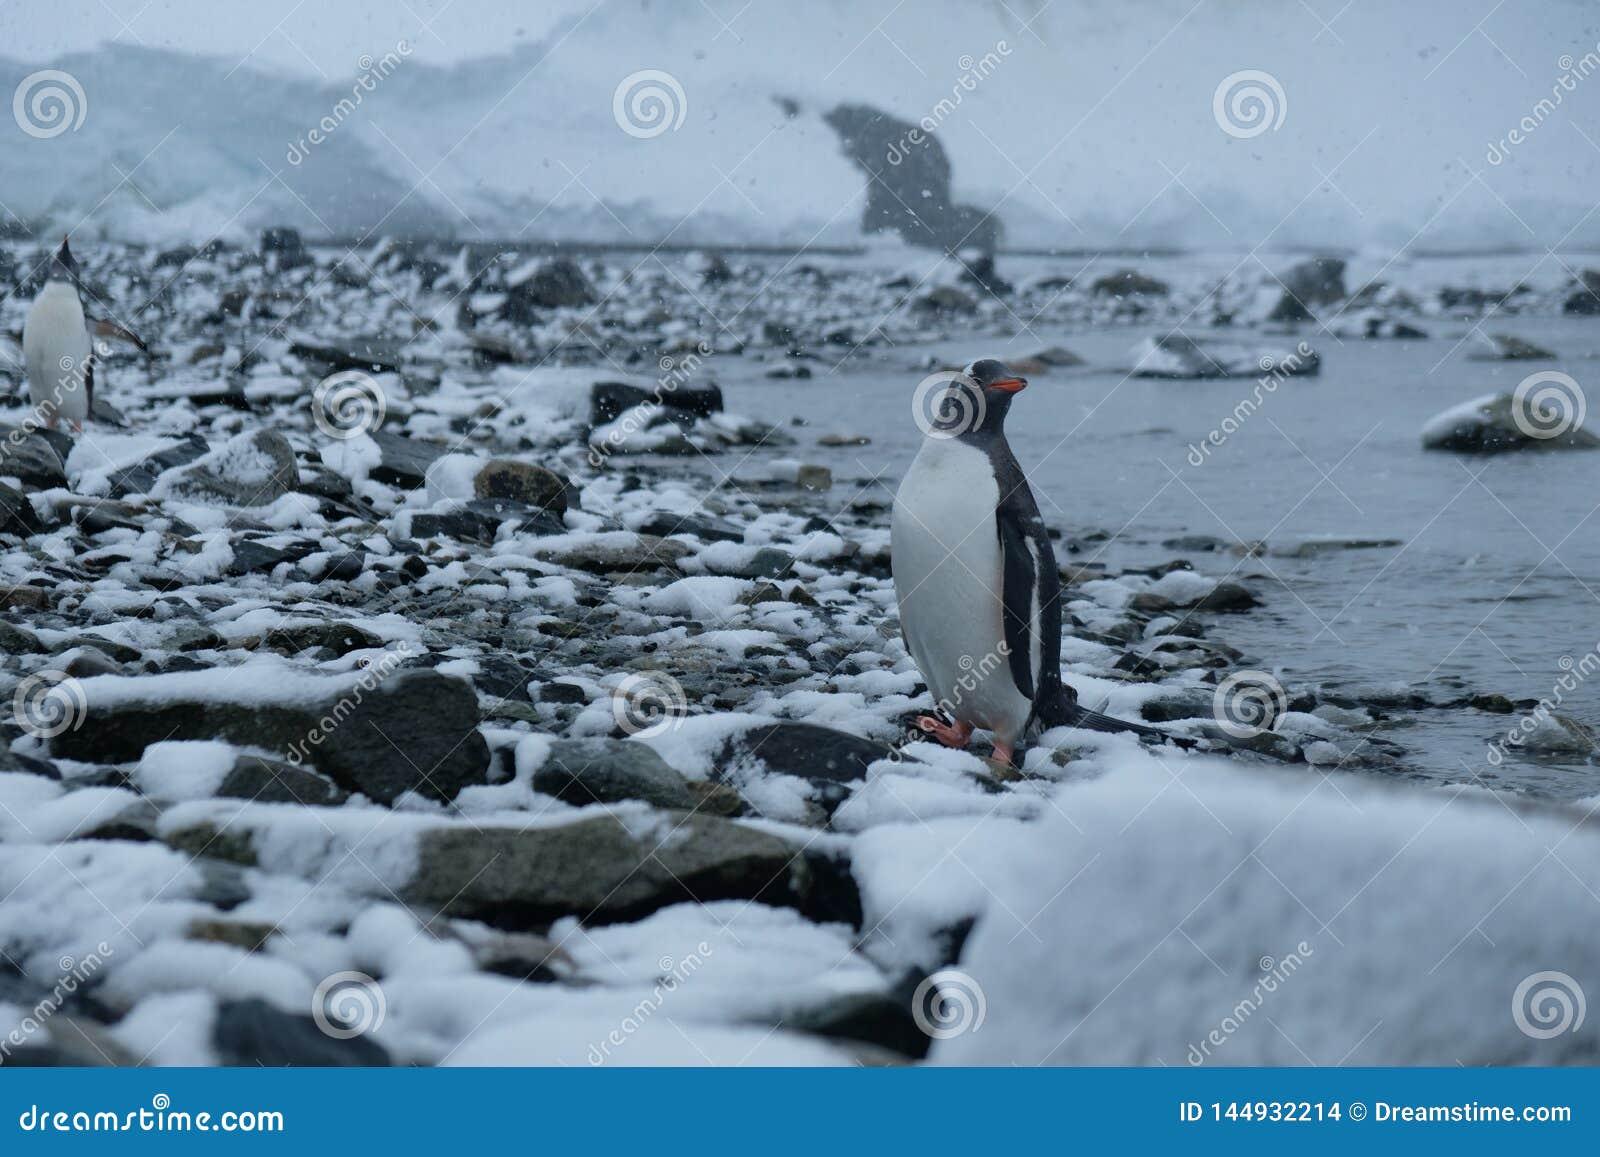 De pinguïnentribunes van Antarctica Gentoo op sneeuw rotsachtig strand na de jacht